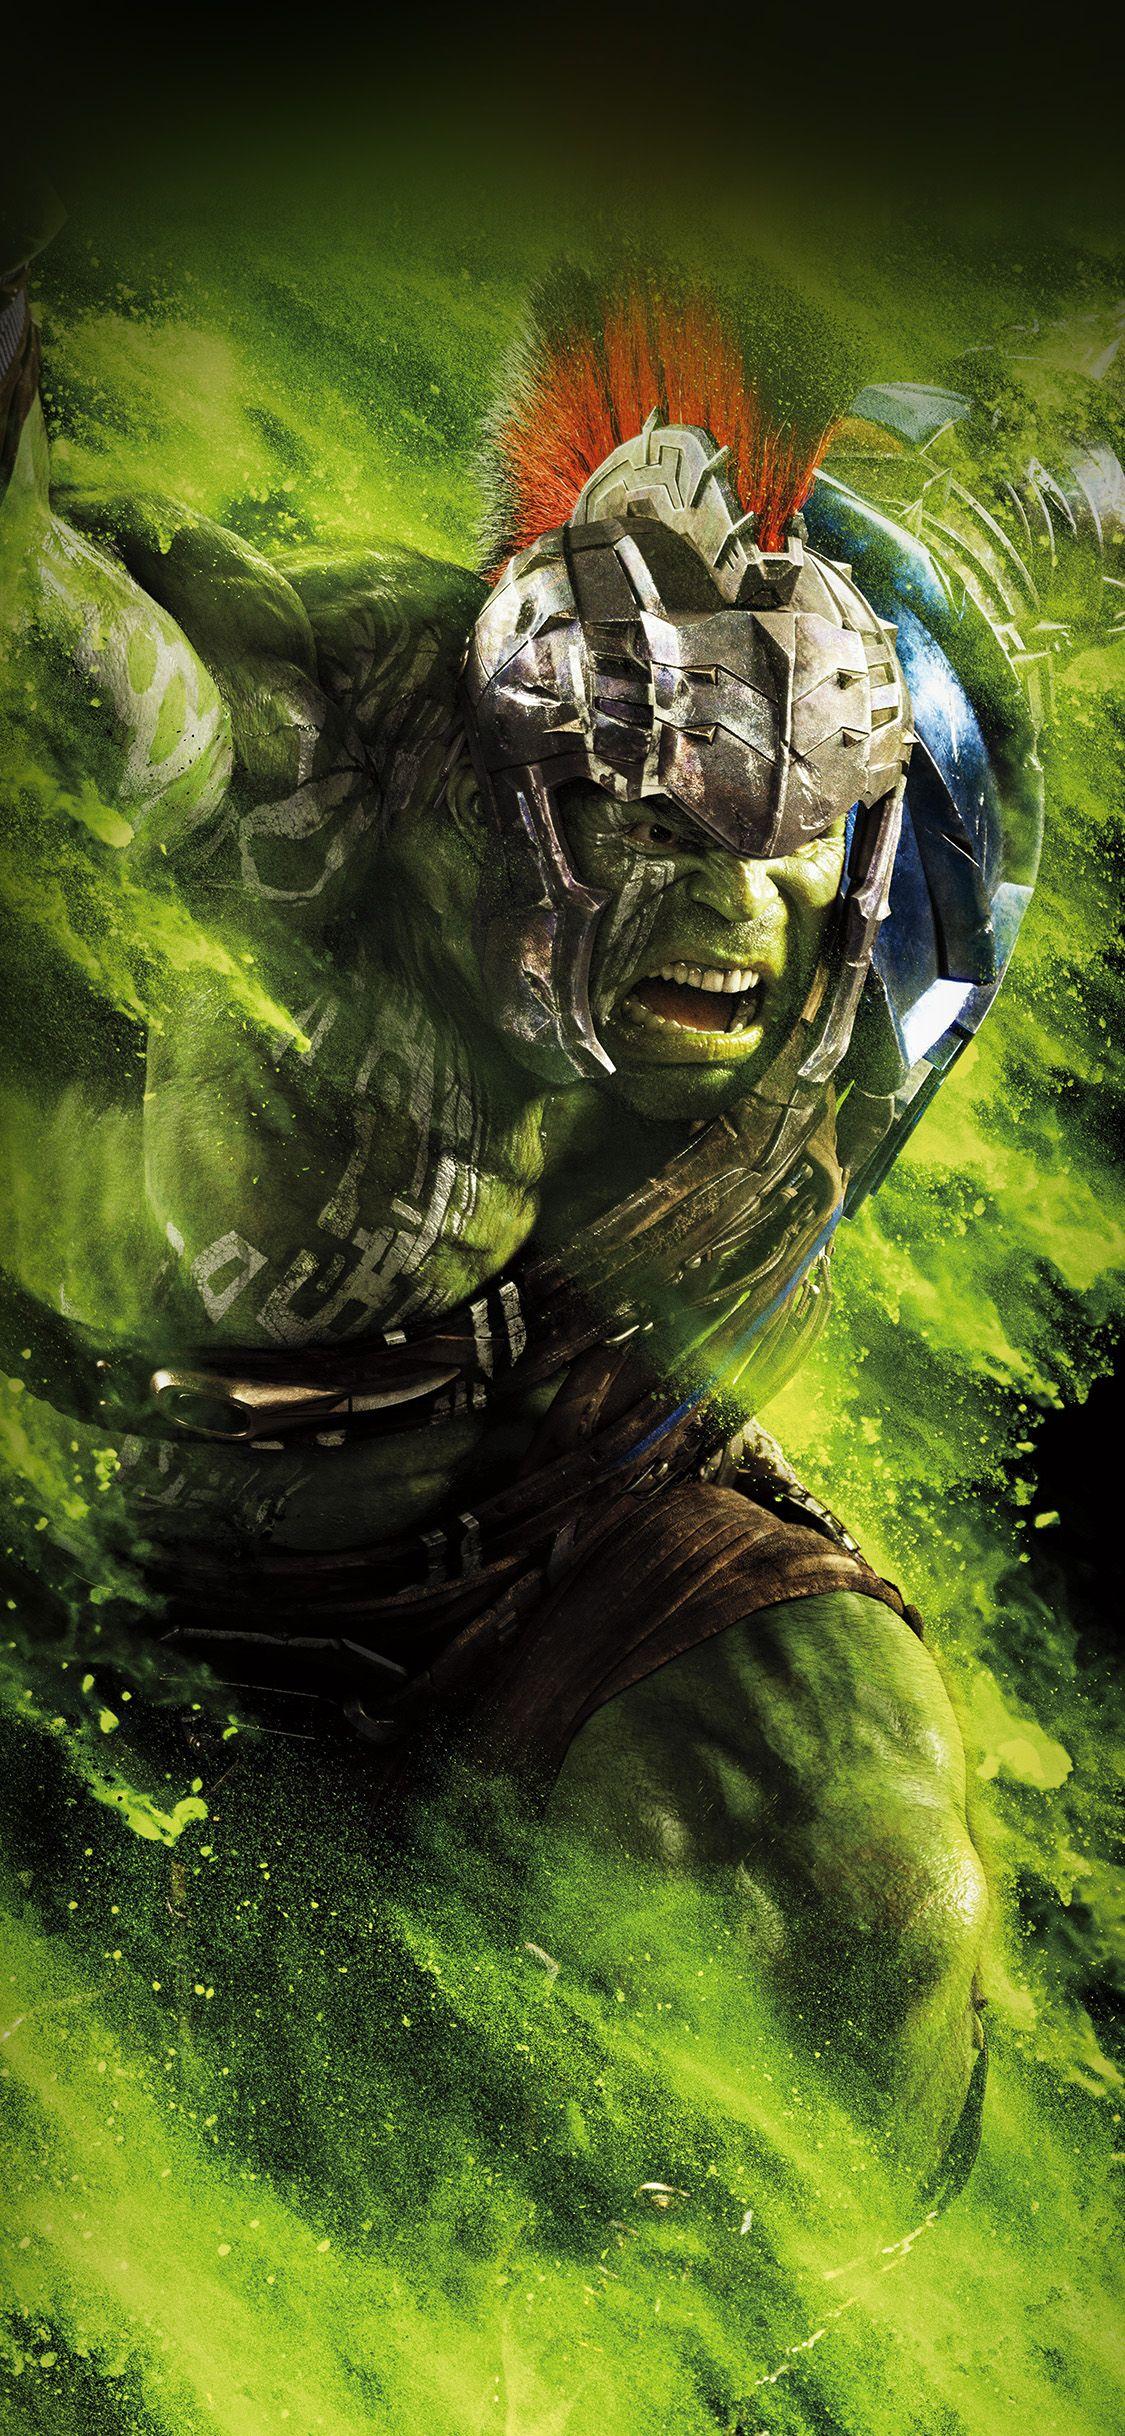 Iphonex Wallpaper Be57 Hulk Ragnarok Red Film Marvel Hero Art